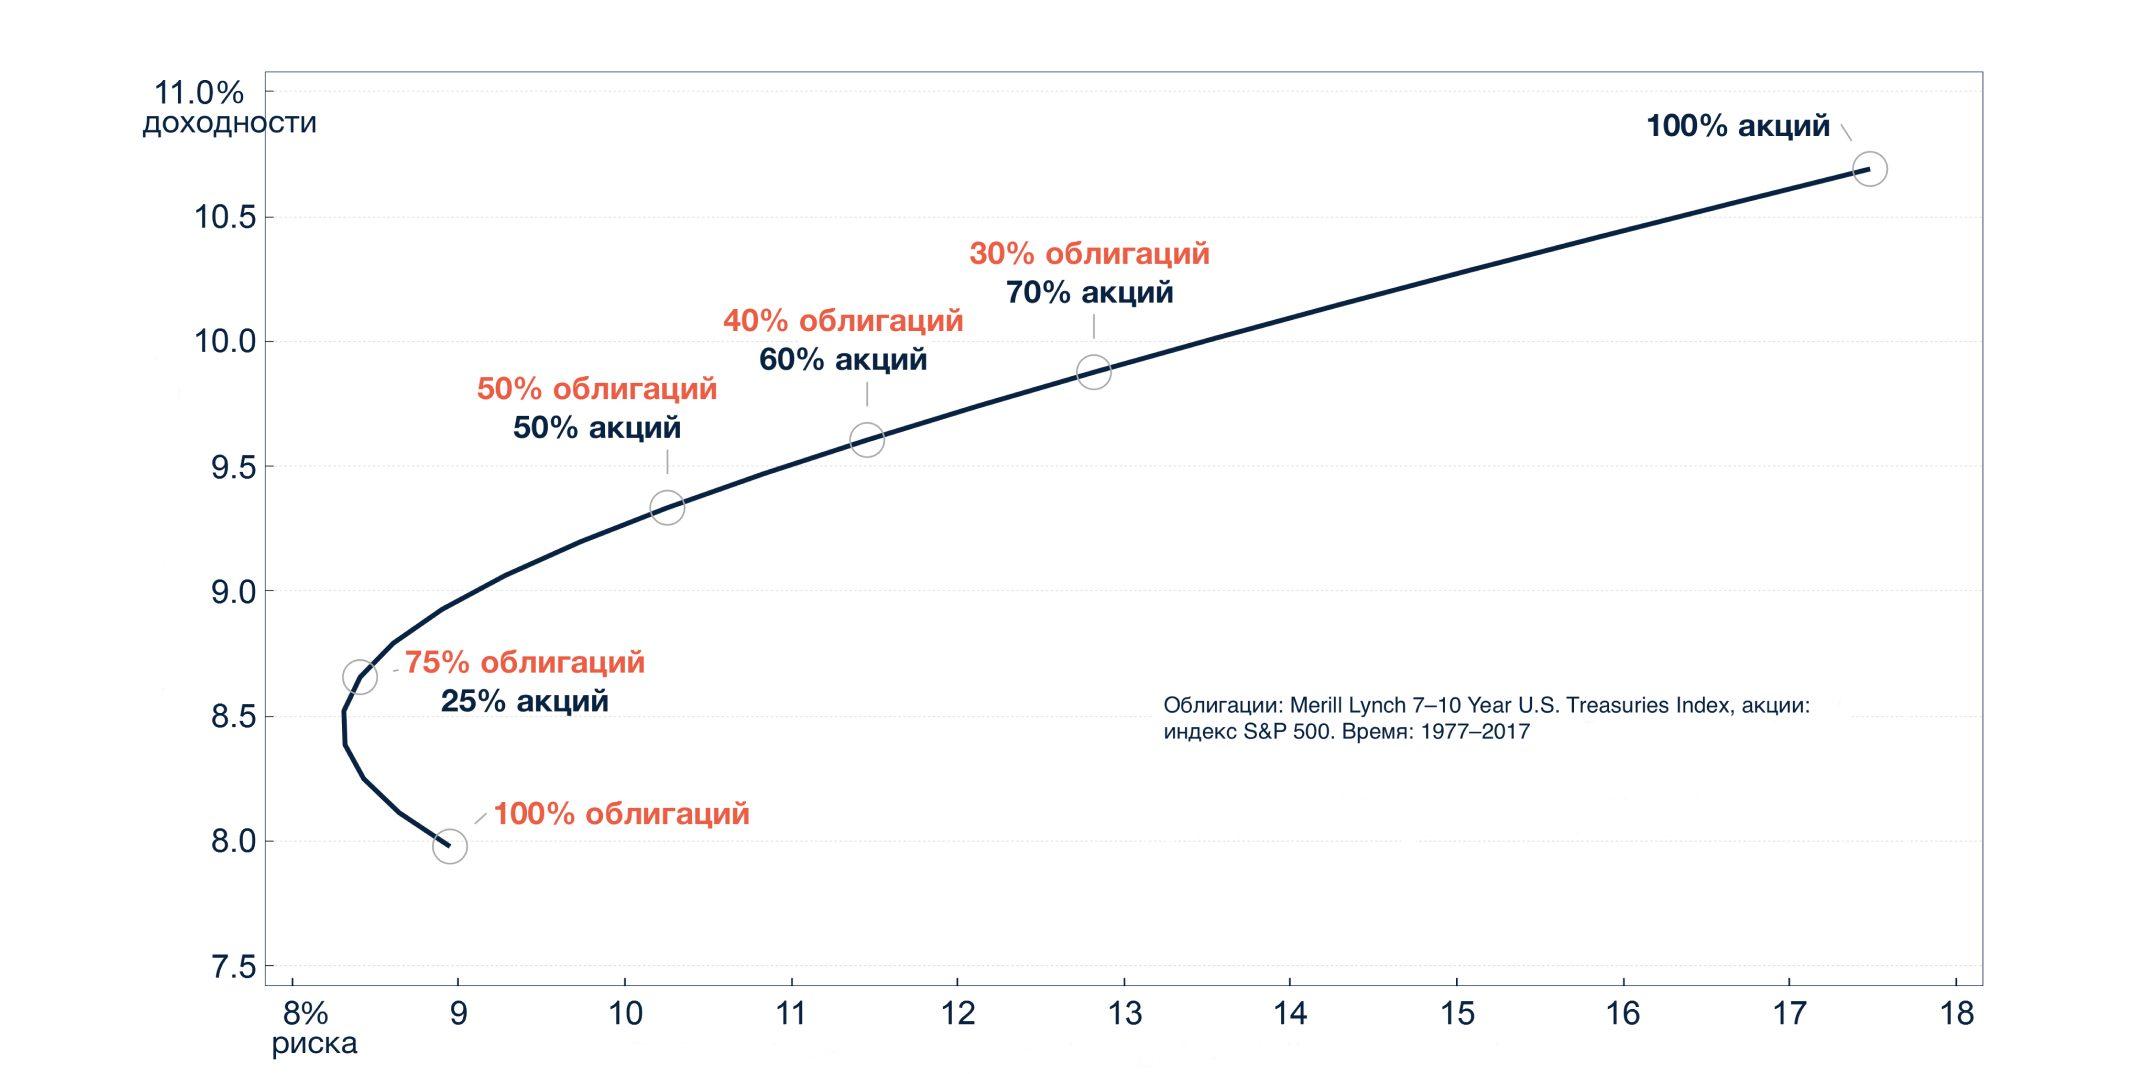 Создание инвестиционной стратегии с помощью специальных сервисов для анализа ценных бумаг